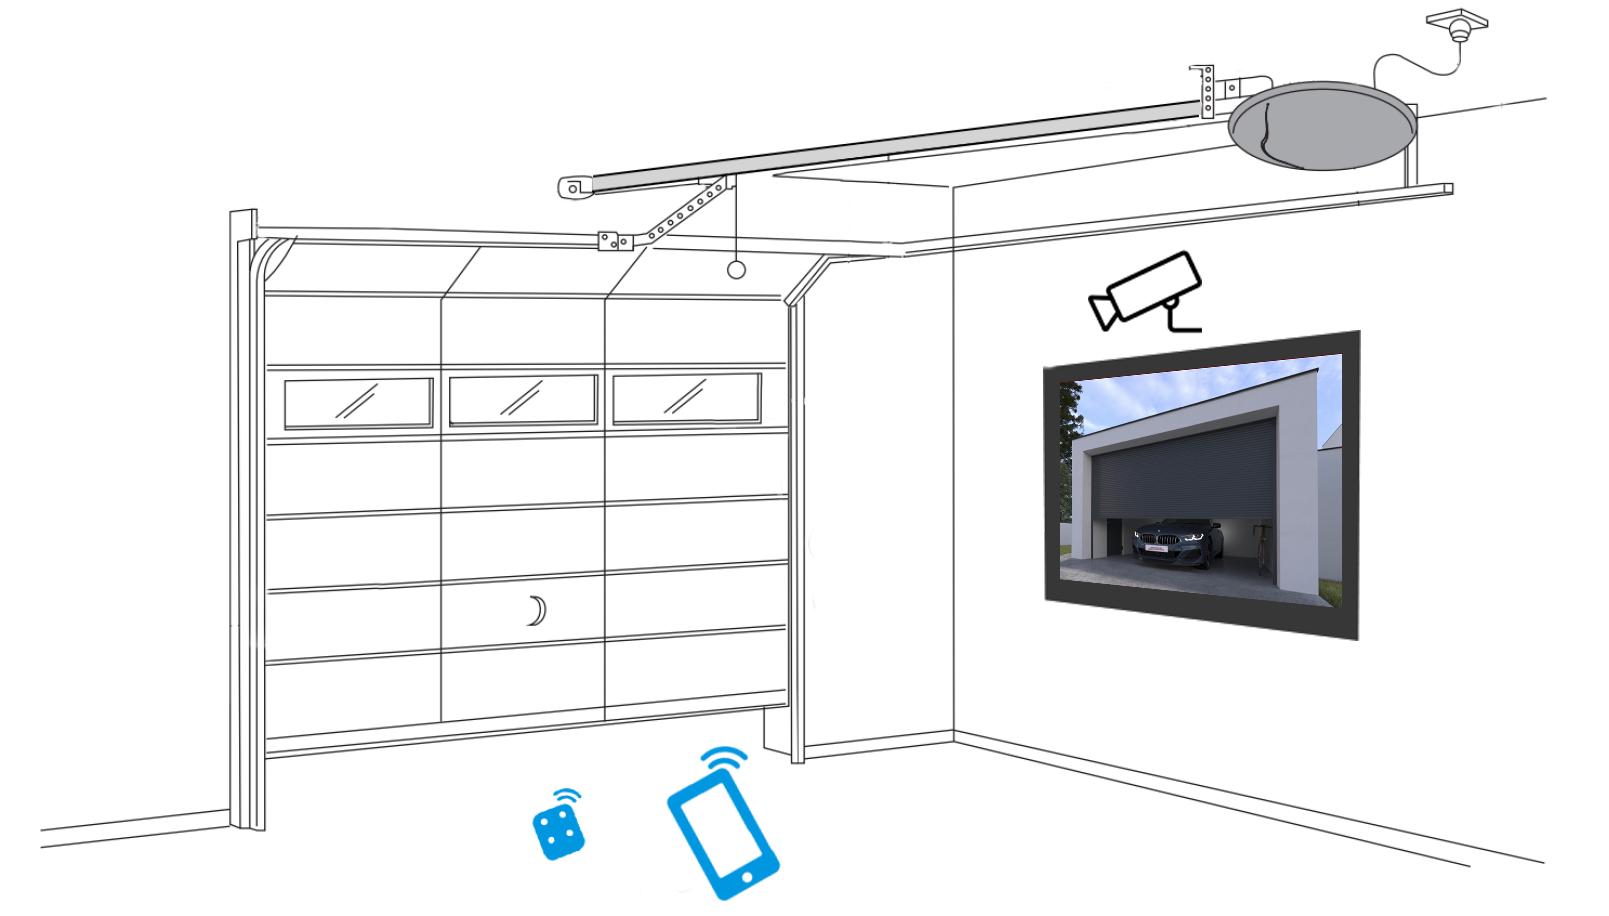 schema kit pg120